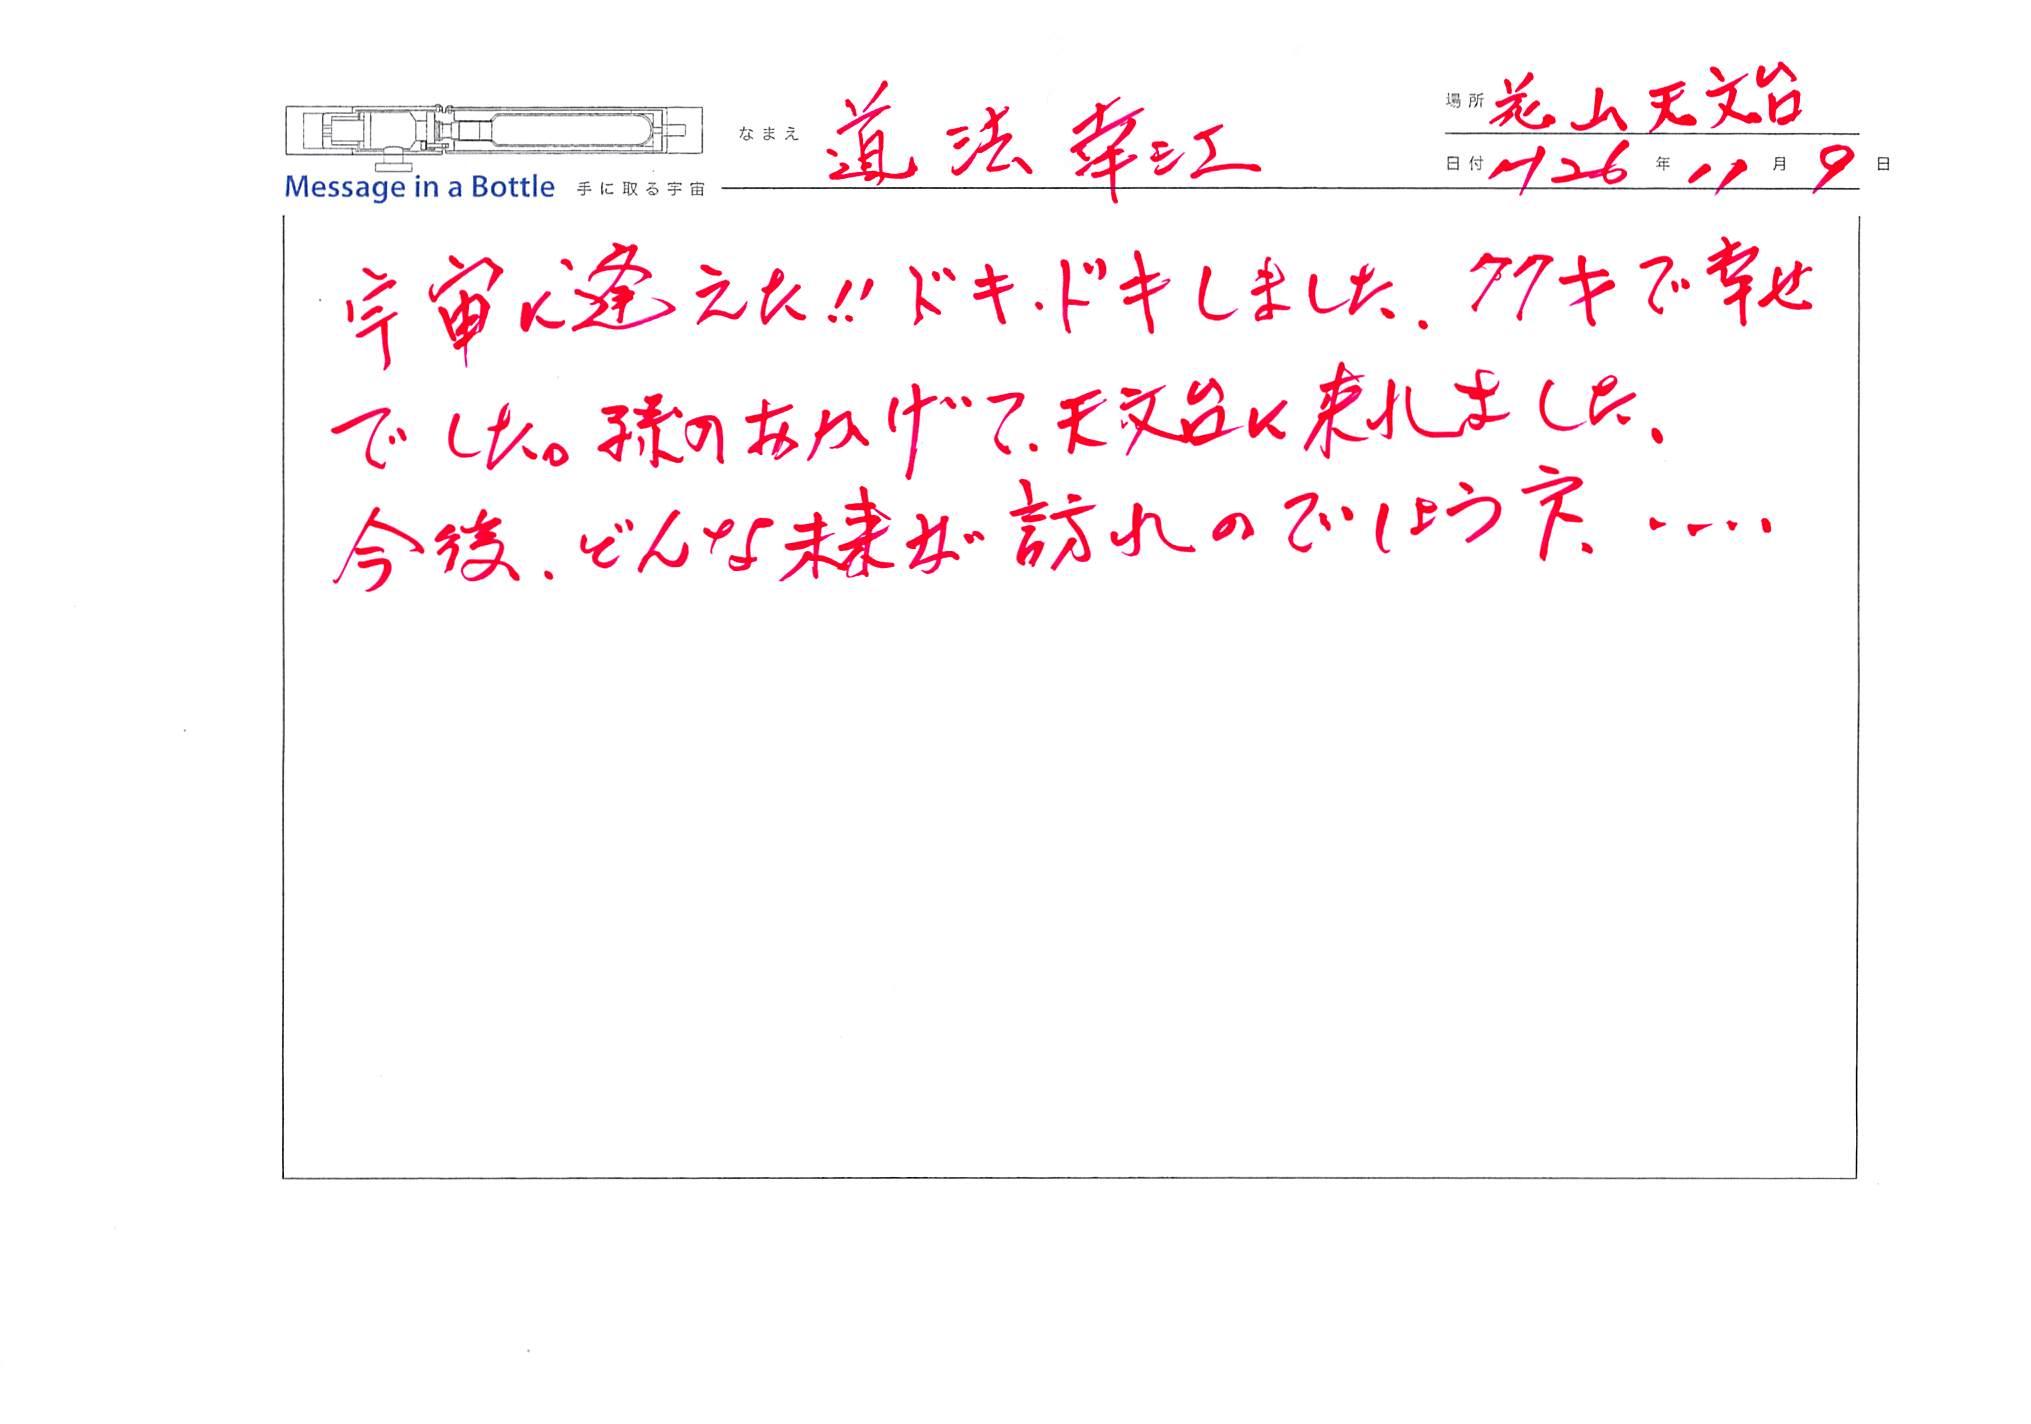 2014-11-09-14-43-19.jpg